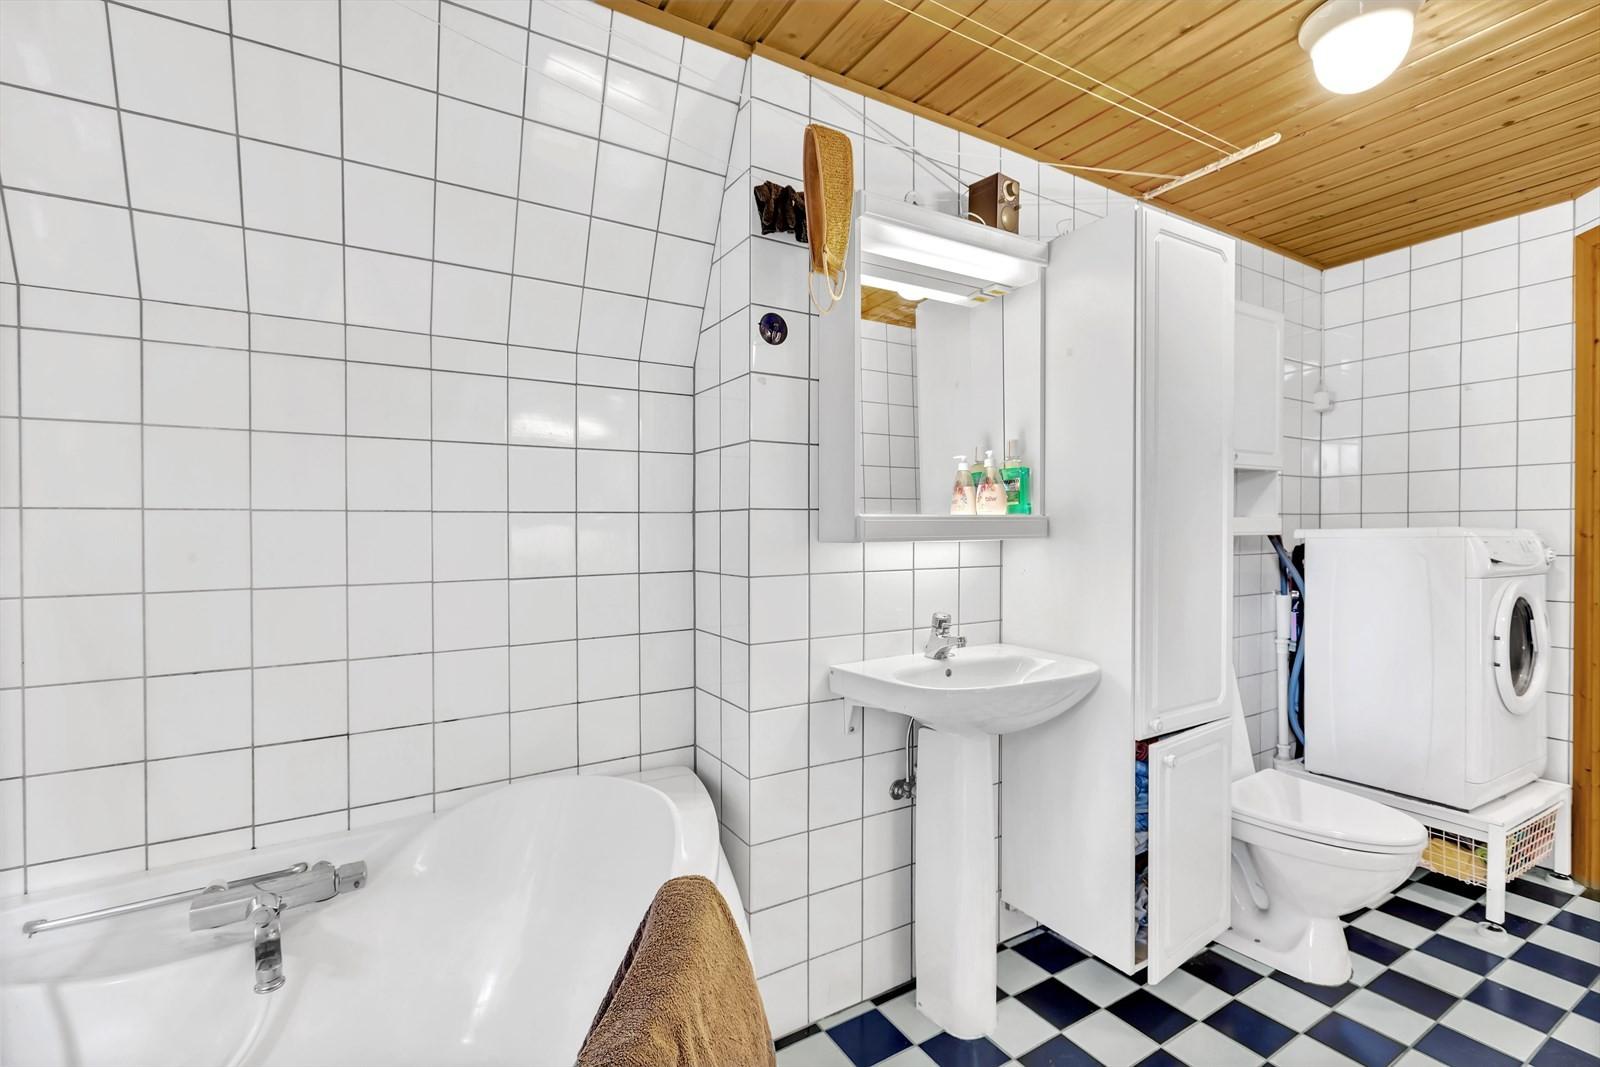 Flislagt bad i plan 1 badekar, servant med speil, wc og opplegg til vaskemaskin.